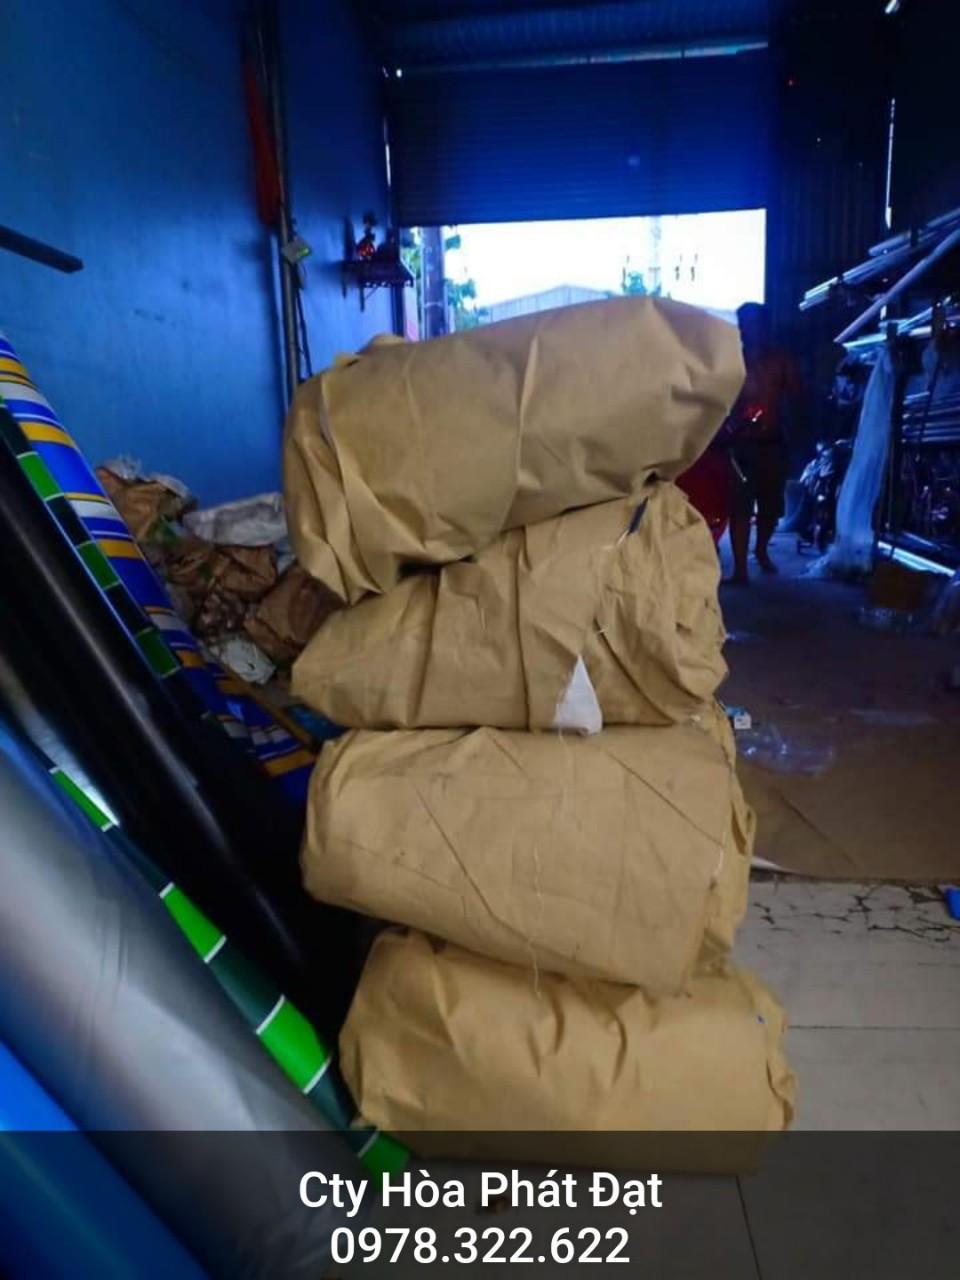 Chuyên cung cấp nhận in may ép vải bạt mái hiên mái xếp theo yêu cầu, gia công thay bạt mái che tại cần thơ